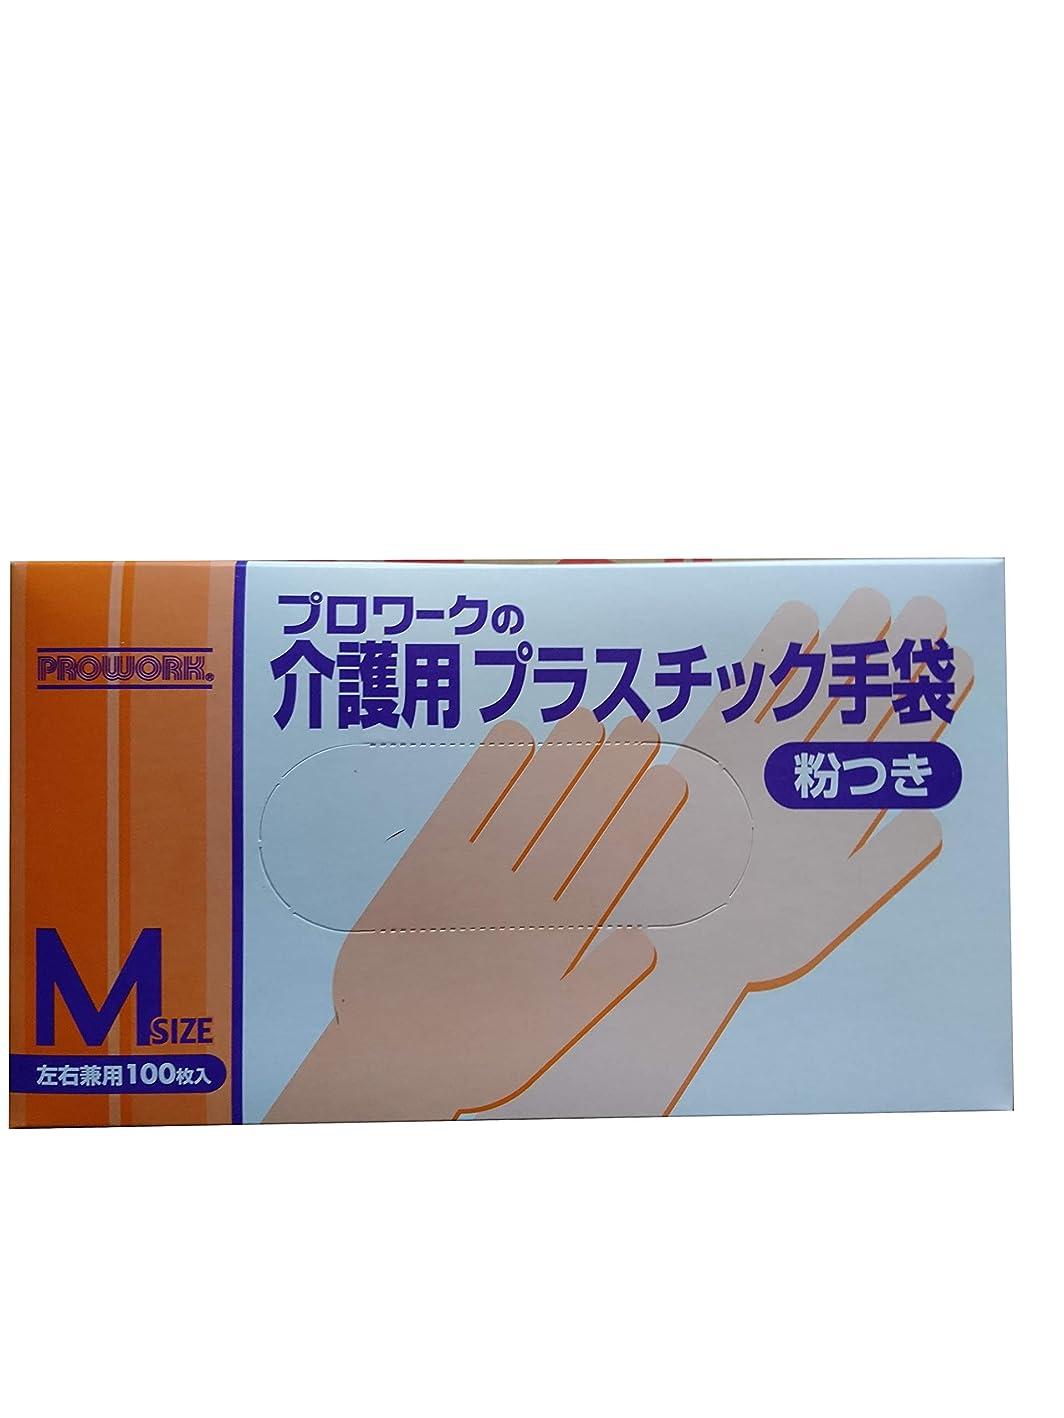 倉庫行政影響介護用プラスチック手袋 粉つき Mサイズ 左右兼用100枚入